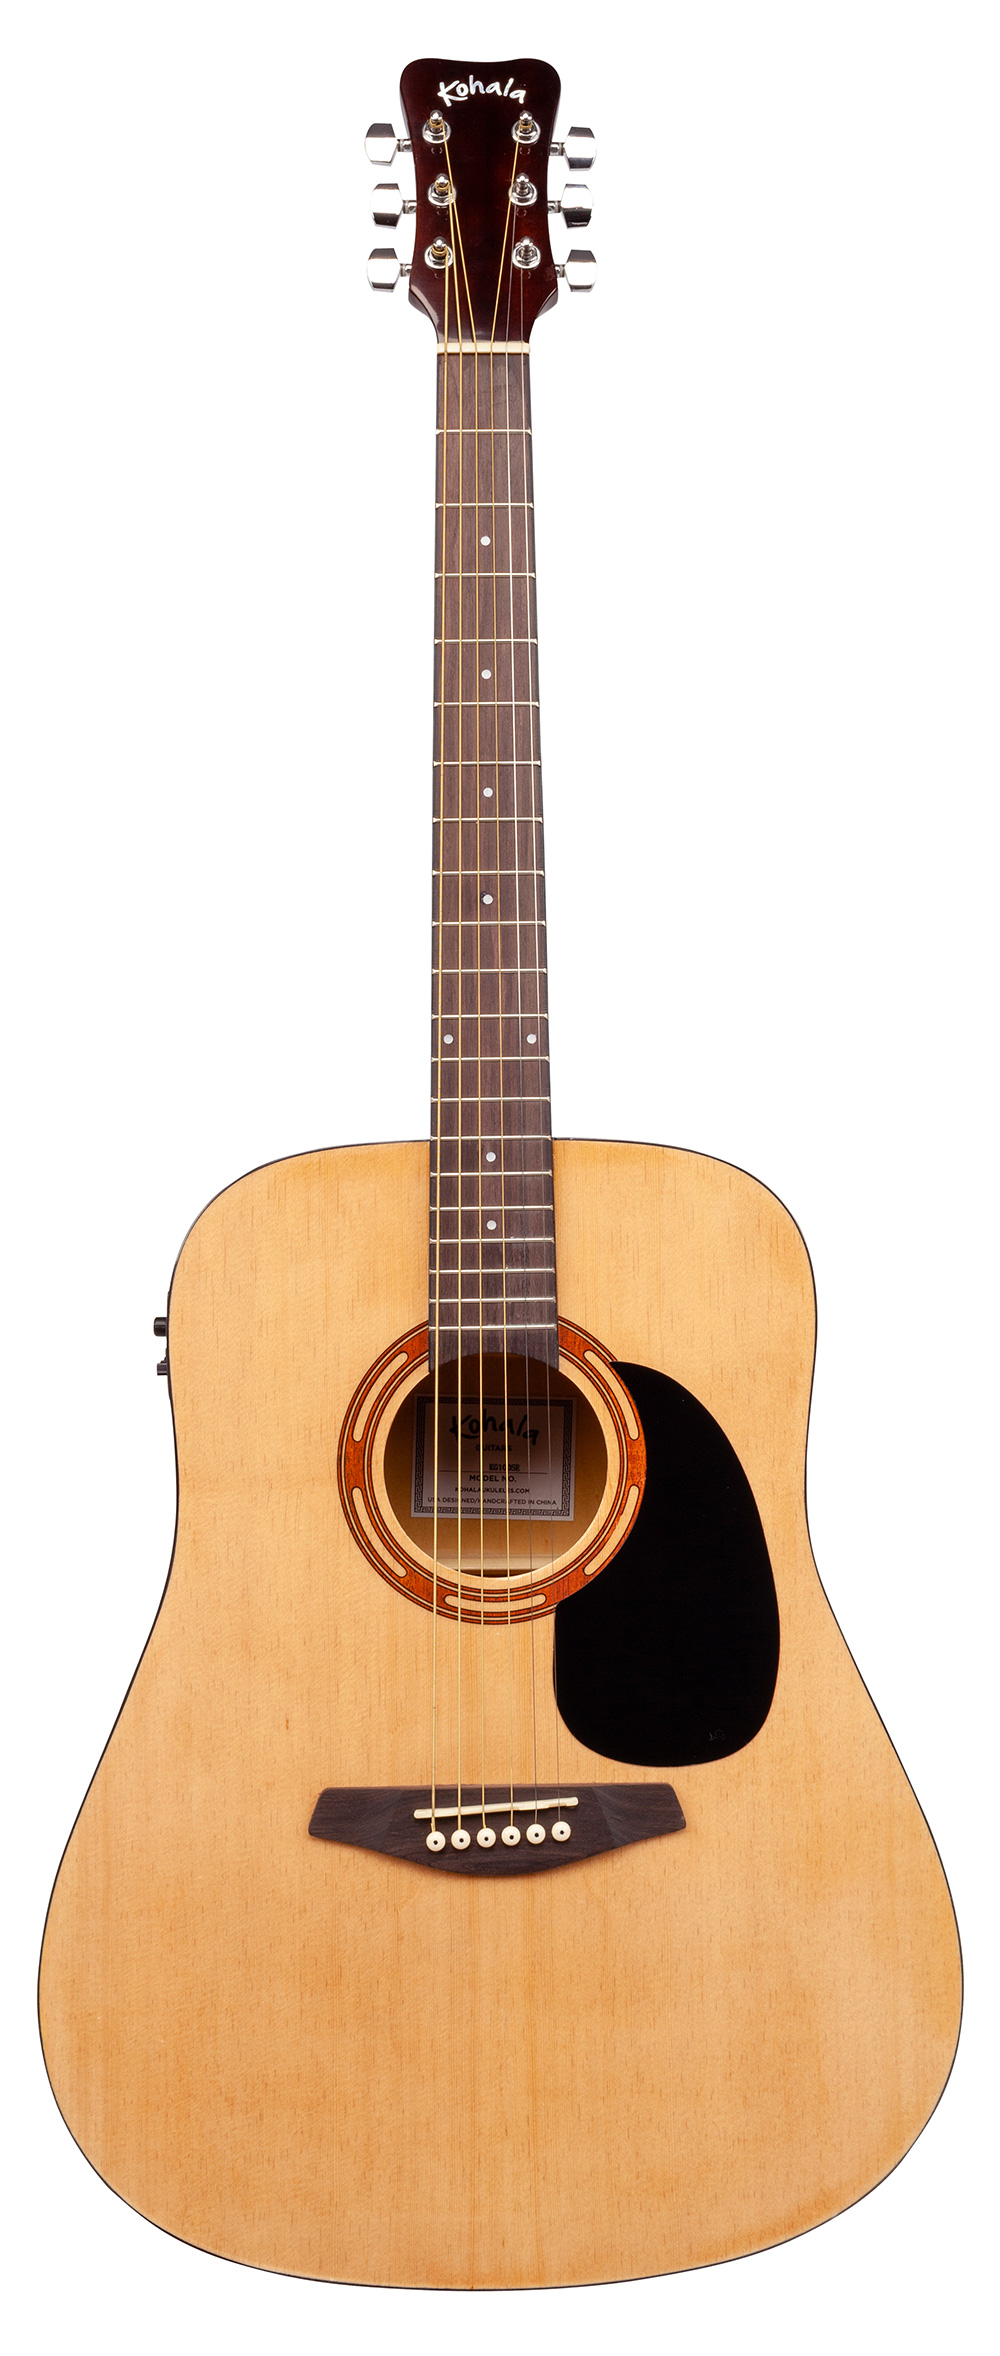 full size steel string acoustic electric guitar w pickup onboard tuner and bag kohala ukuleles. Black Bedroom Furniture Sets. Home Design Ideas